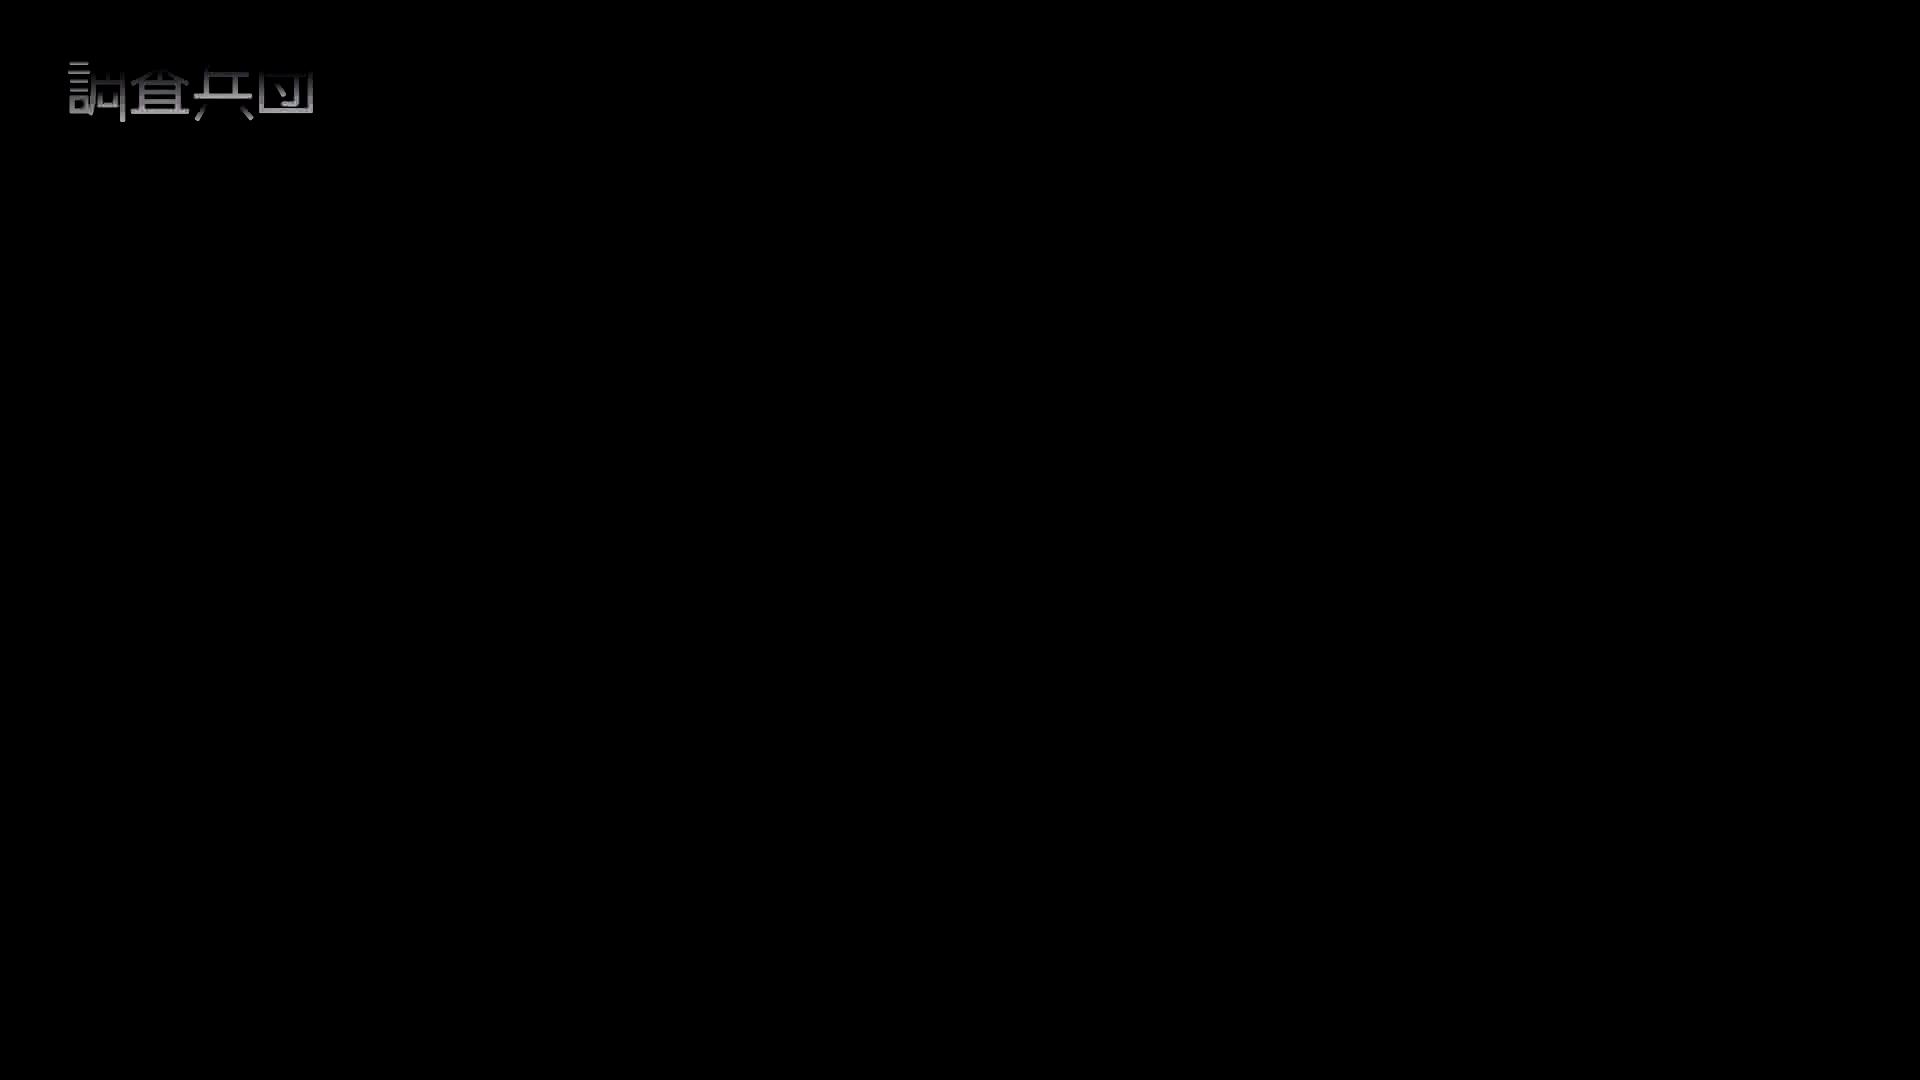 巨乳 乳首:~反撃の悪戯~vol.25 スポーツバー店員・かなちん【前編】:怪盗ジョーカー